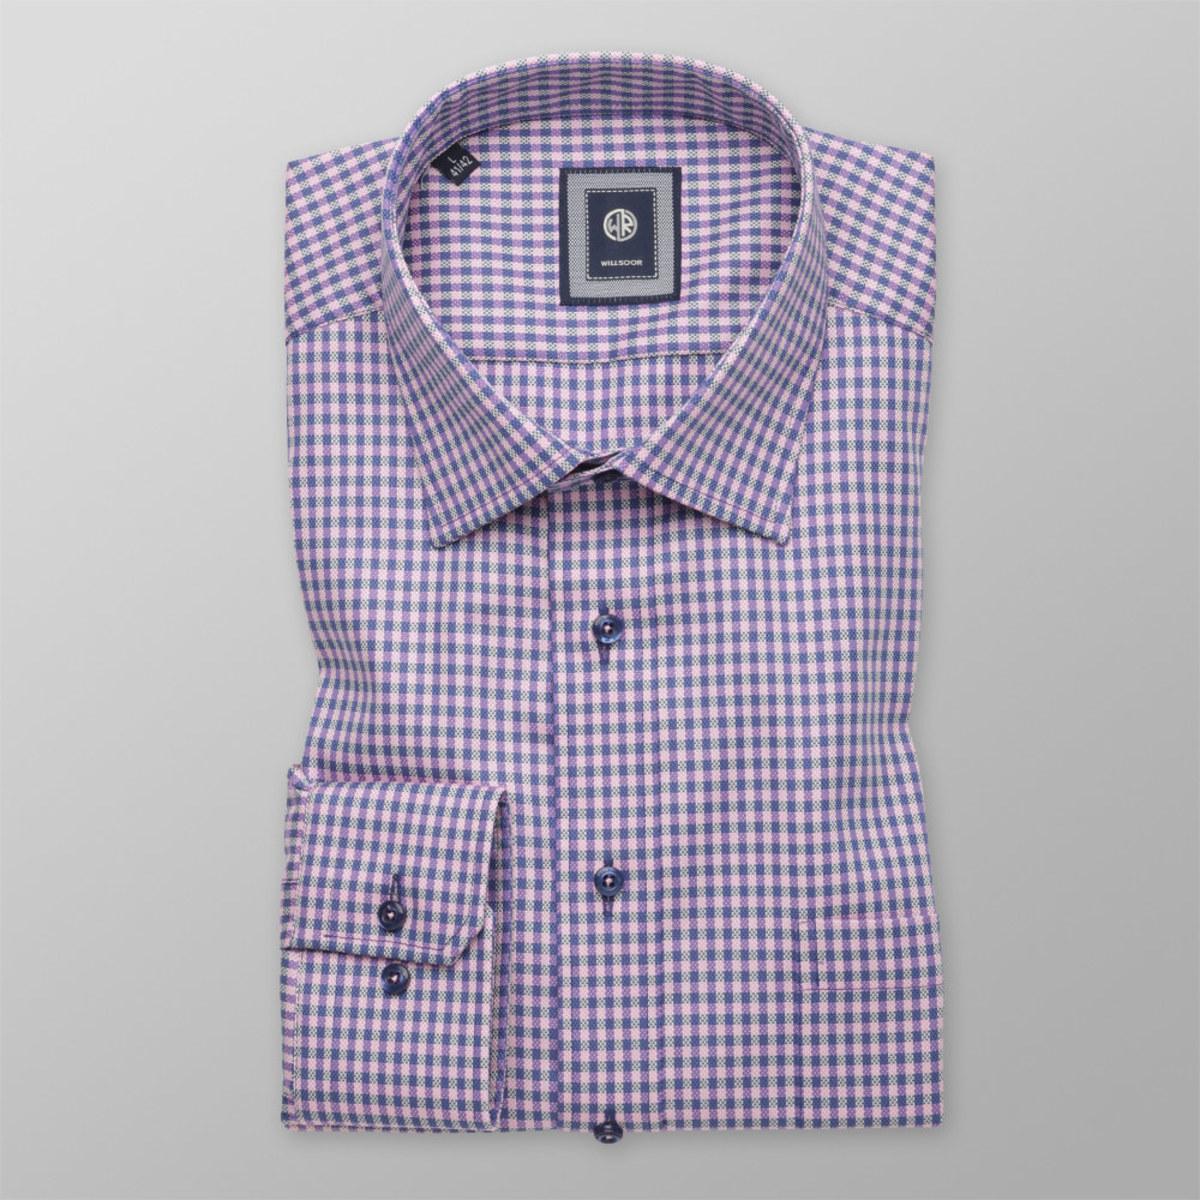 Košeľa kockovaná Slim Fit (výška 176 - 182) 10288 176-182 / L (41/42)